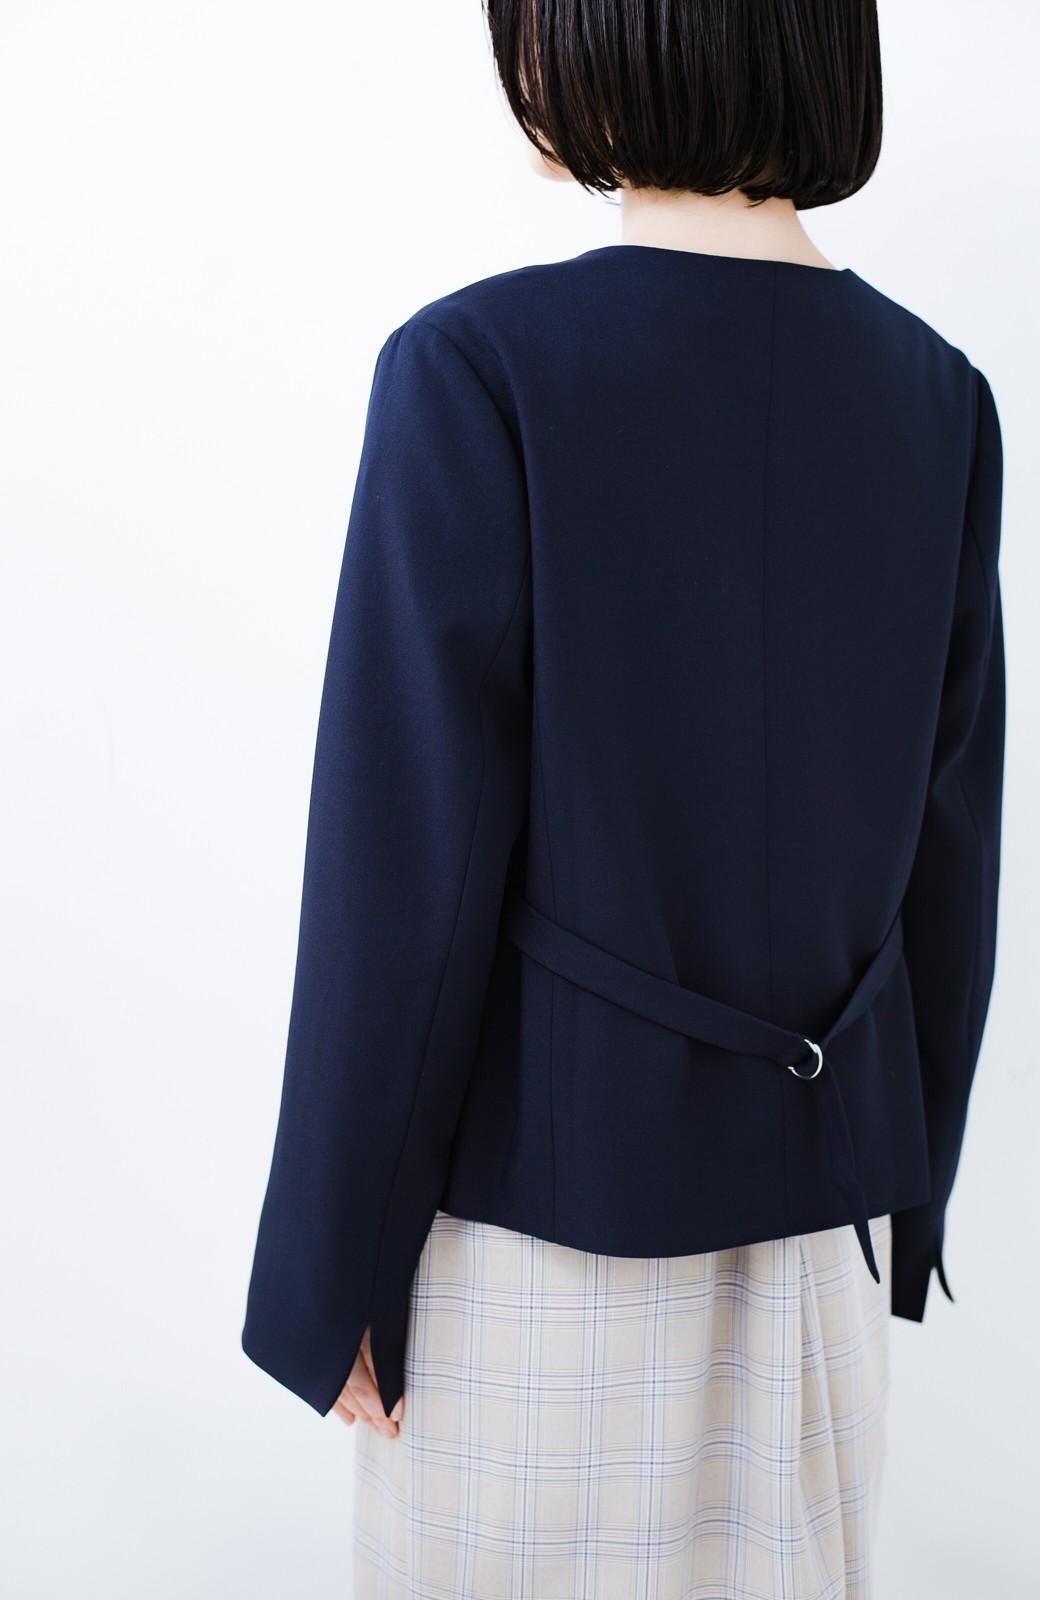 haco! 持っていると便利な野暮ったくならないフォーマルジャケット・スカートの2点セット <ネイビー>の商品写真10